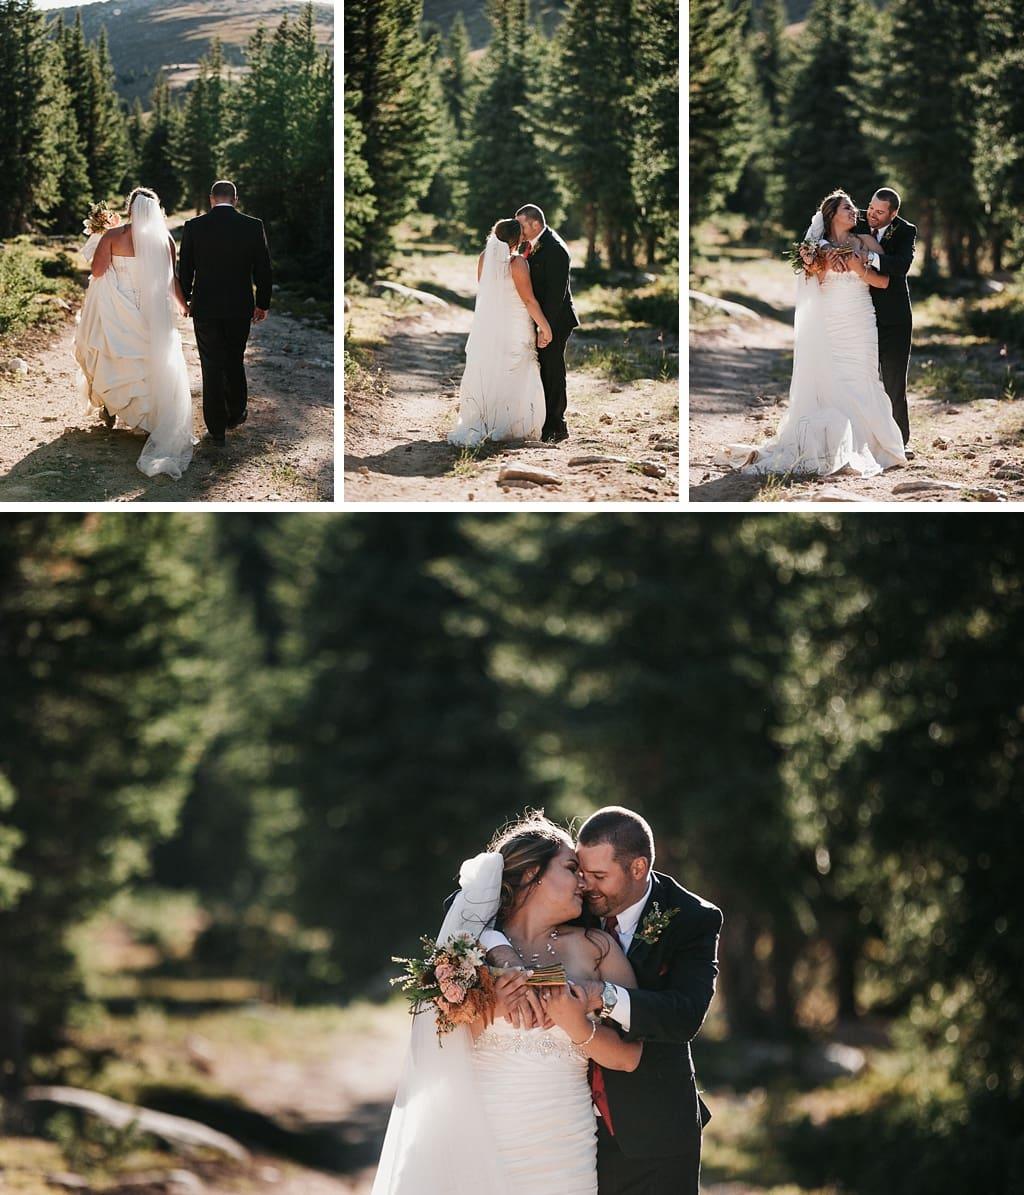 Lunch Rock Winter Park Resort Wedding Colorado Bride and groom portraits in trees